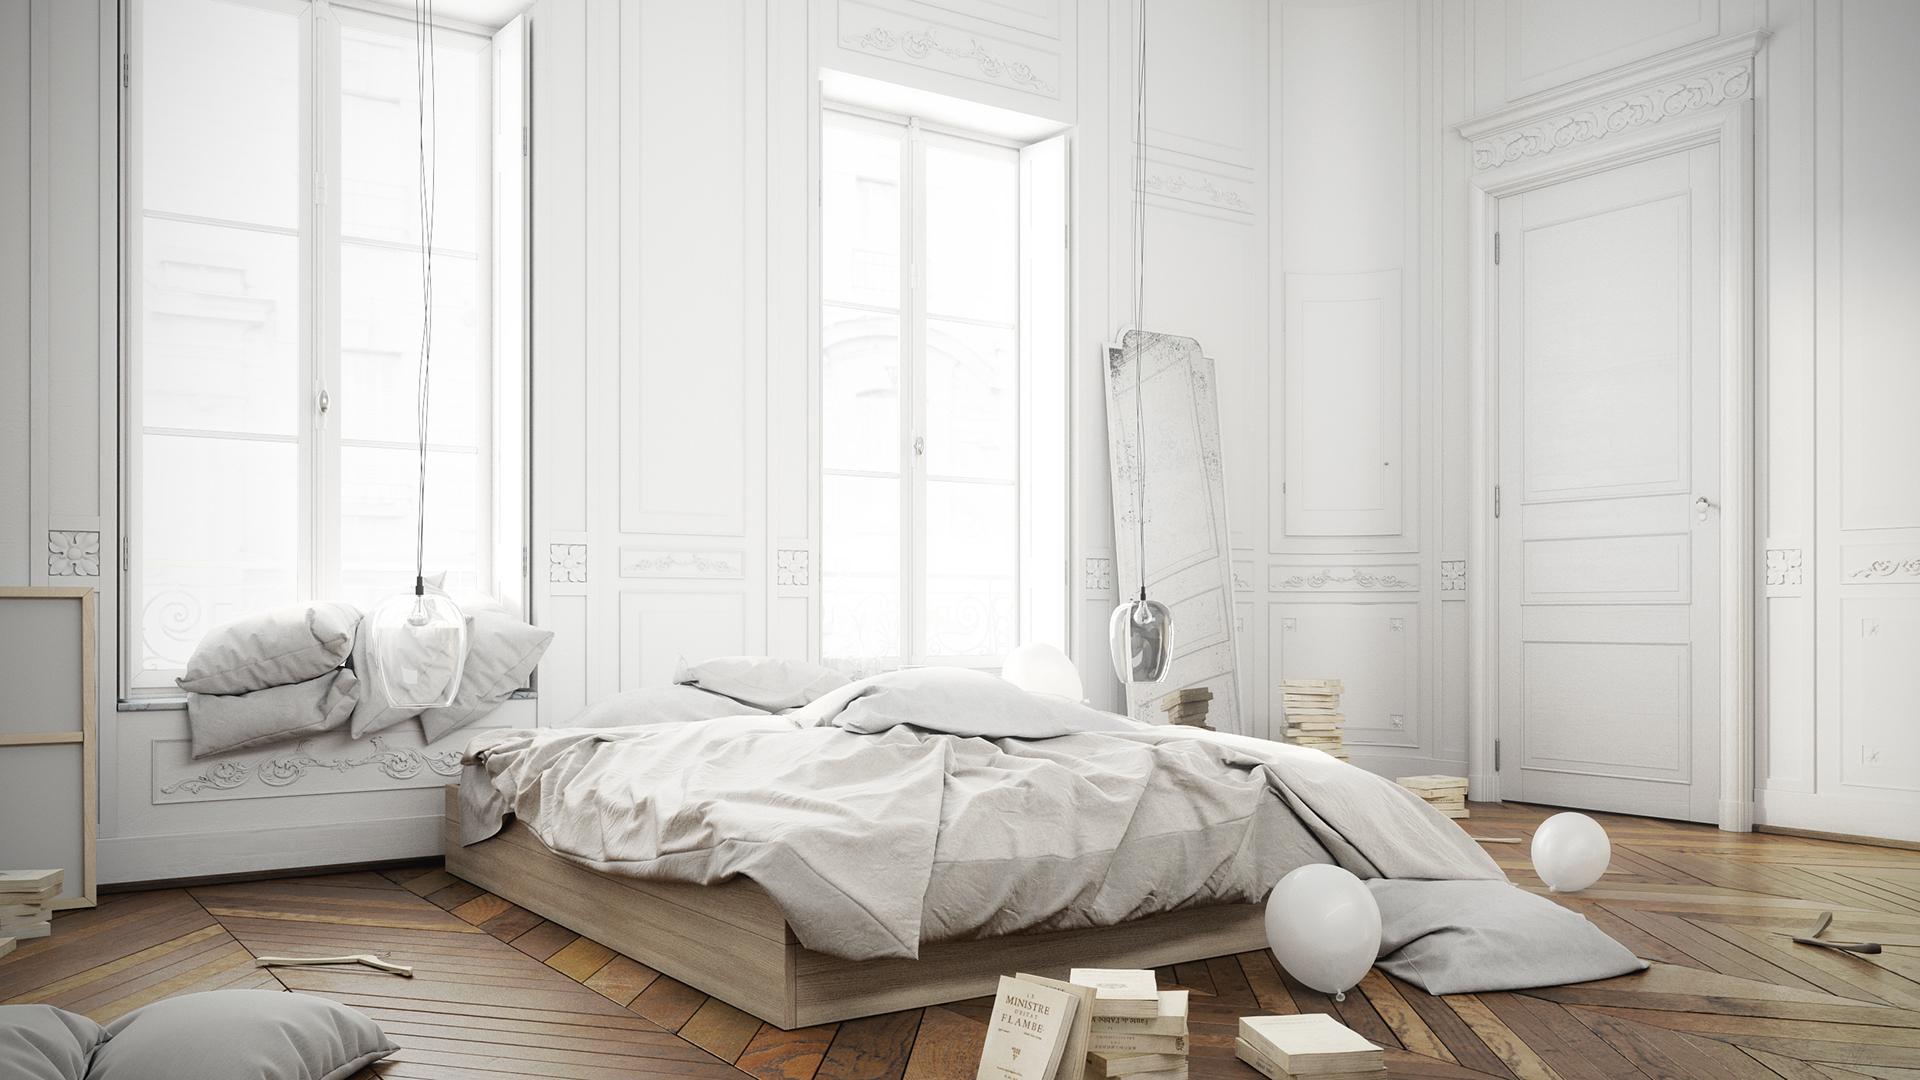 De ruimte van deze slaapkamer is zó mooi! | Interieur inrichting